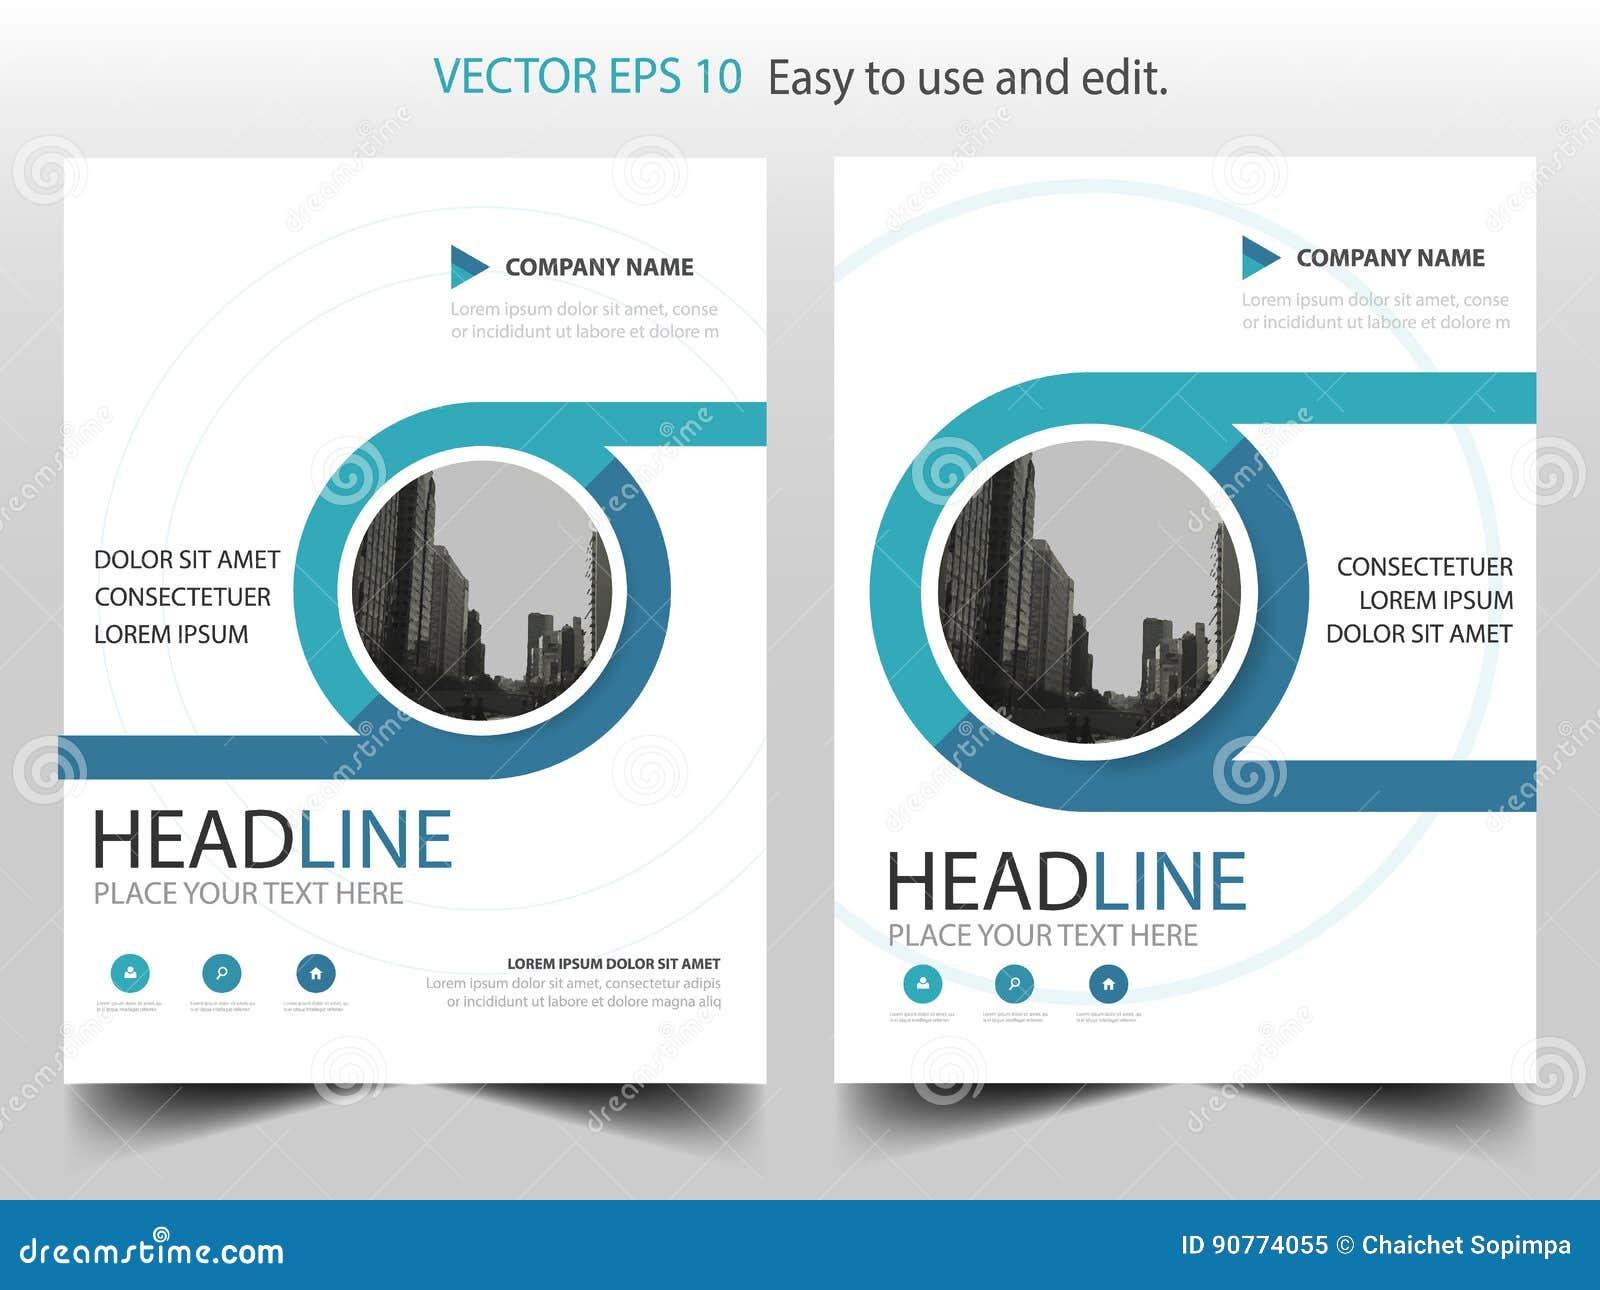 Μπλε διάνυσμα προτύπων σχεδίου φυλλάδιων ετήσια εκθέσεων κύκλων Infographic αφίσα περιοδικών επιχειρησιακών ιπτάμενων Αφηρημένο π